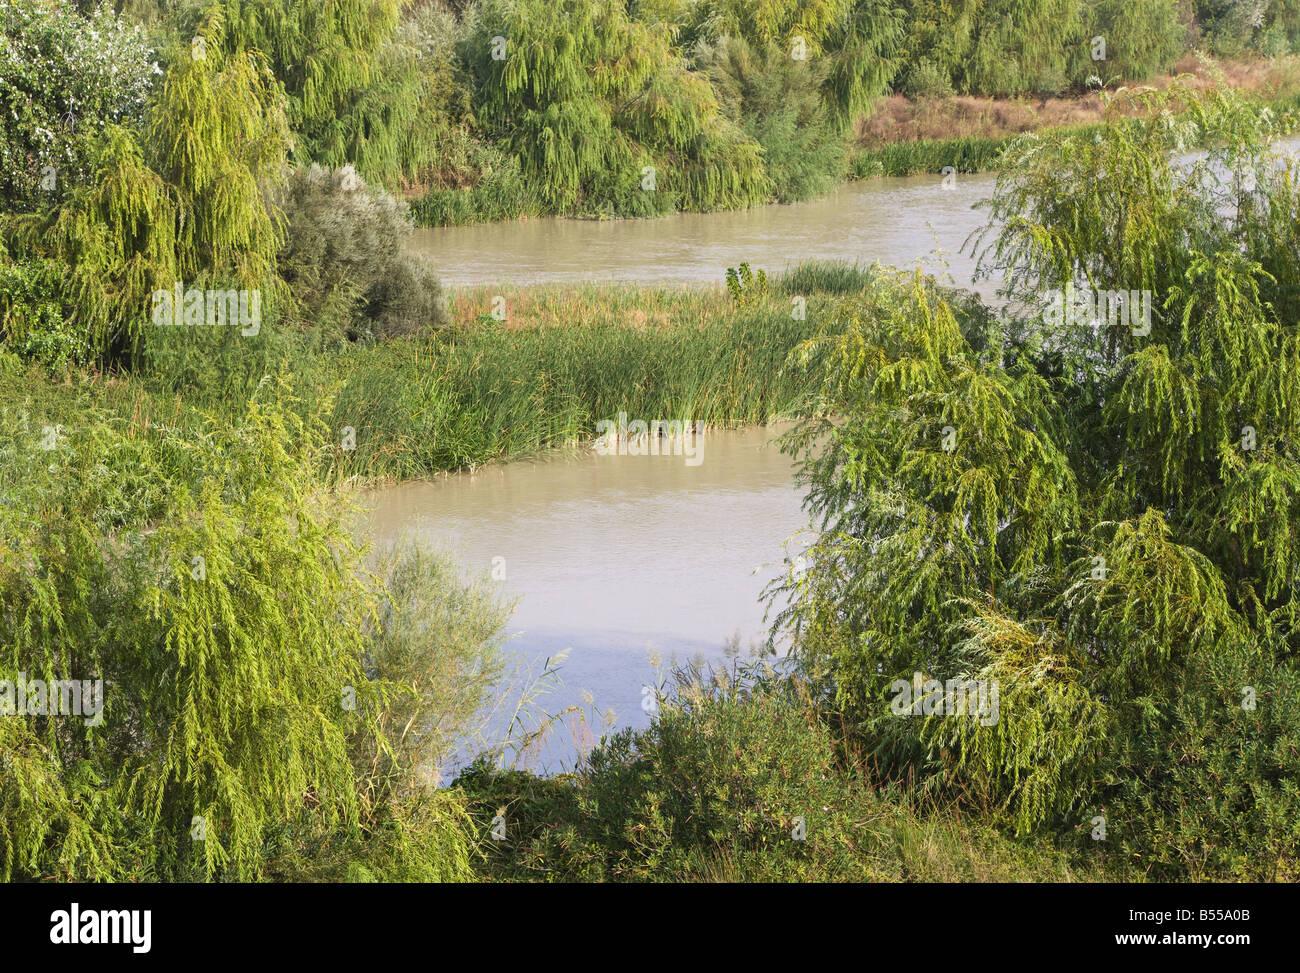 Feuillage vert luxuriant sur les bords de la rivière Photo Stock